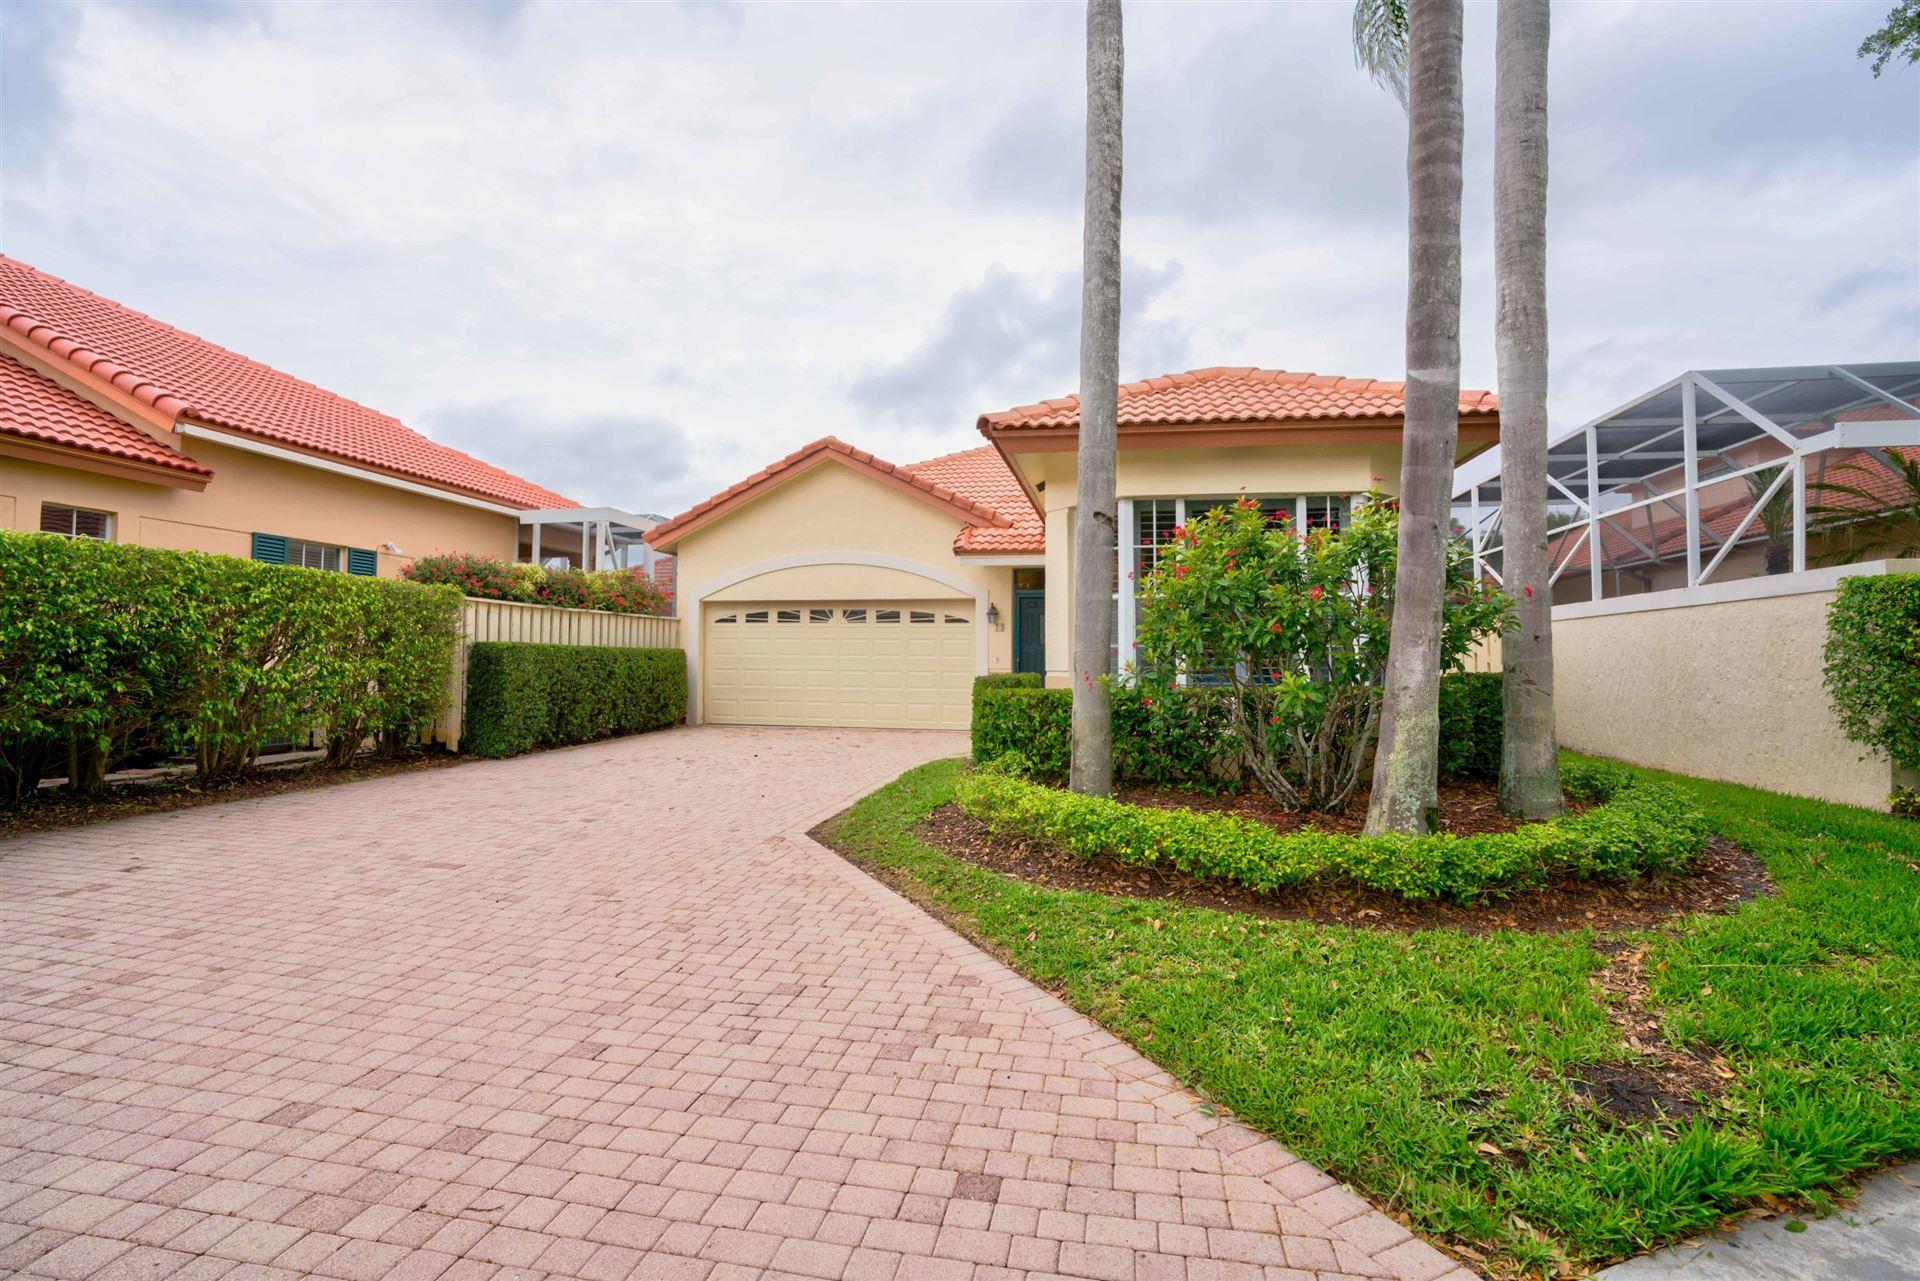 Photo of 73 Spyglass Way, Palm Beach Gardens, FL 33418 (MLS # RX-10709944)